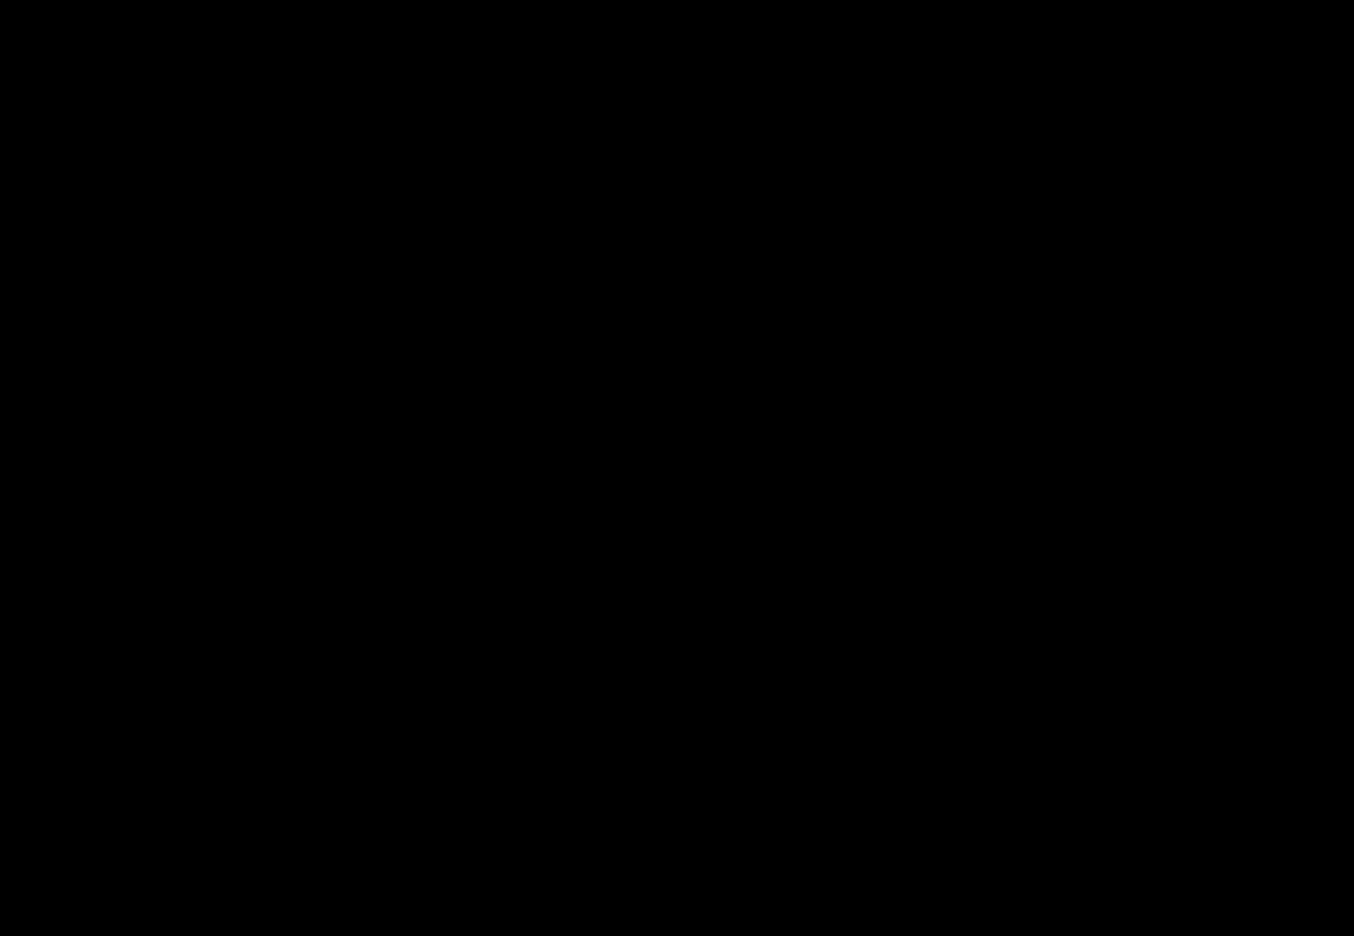 10-Deacetyl Cephalomannine